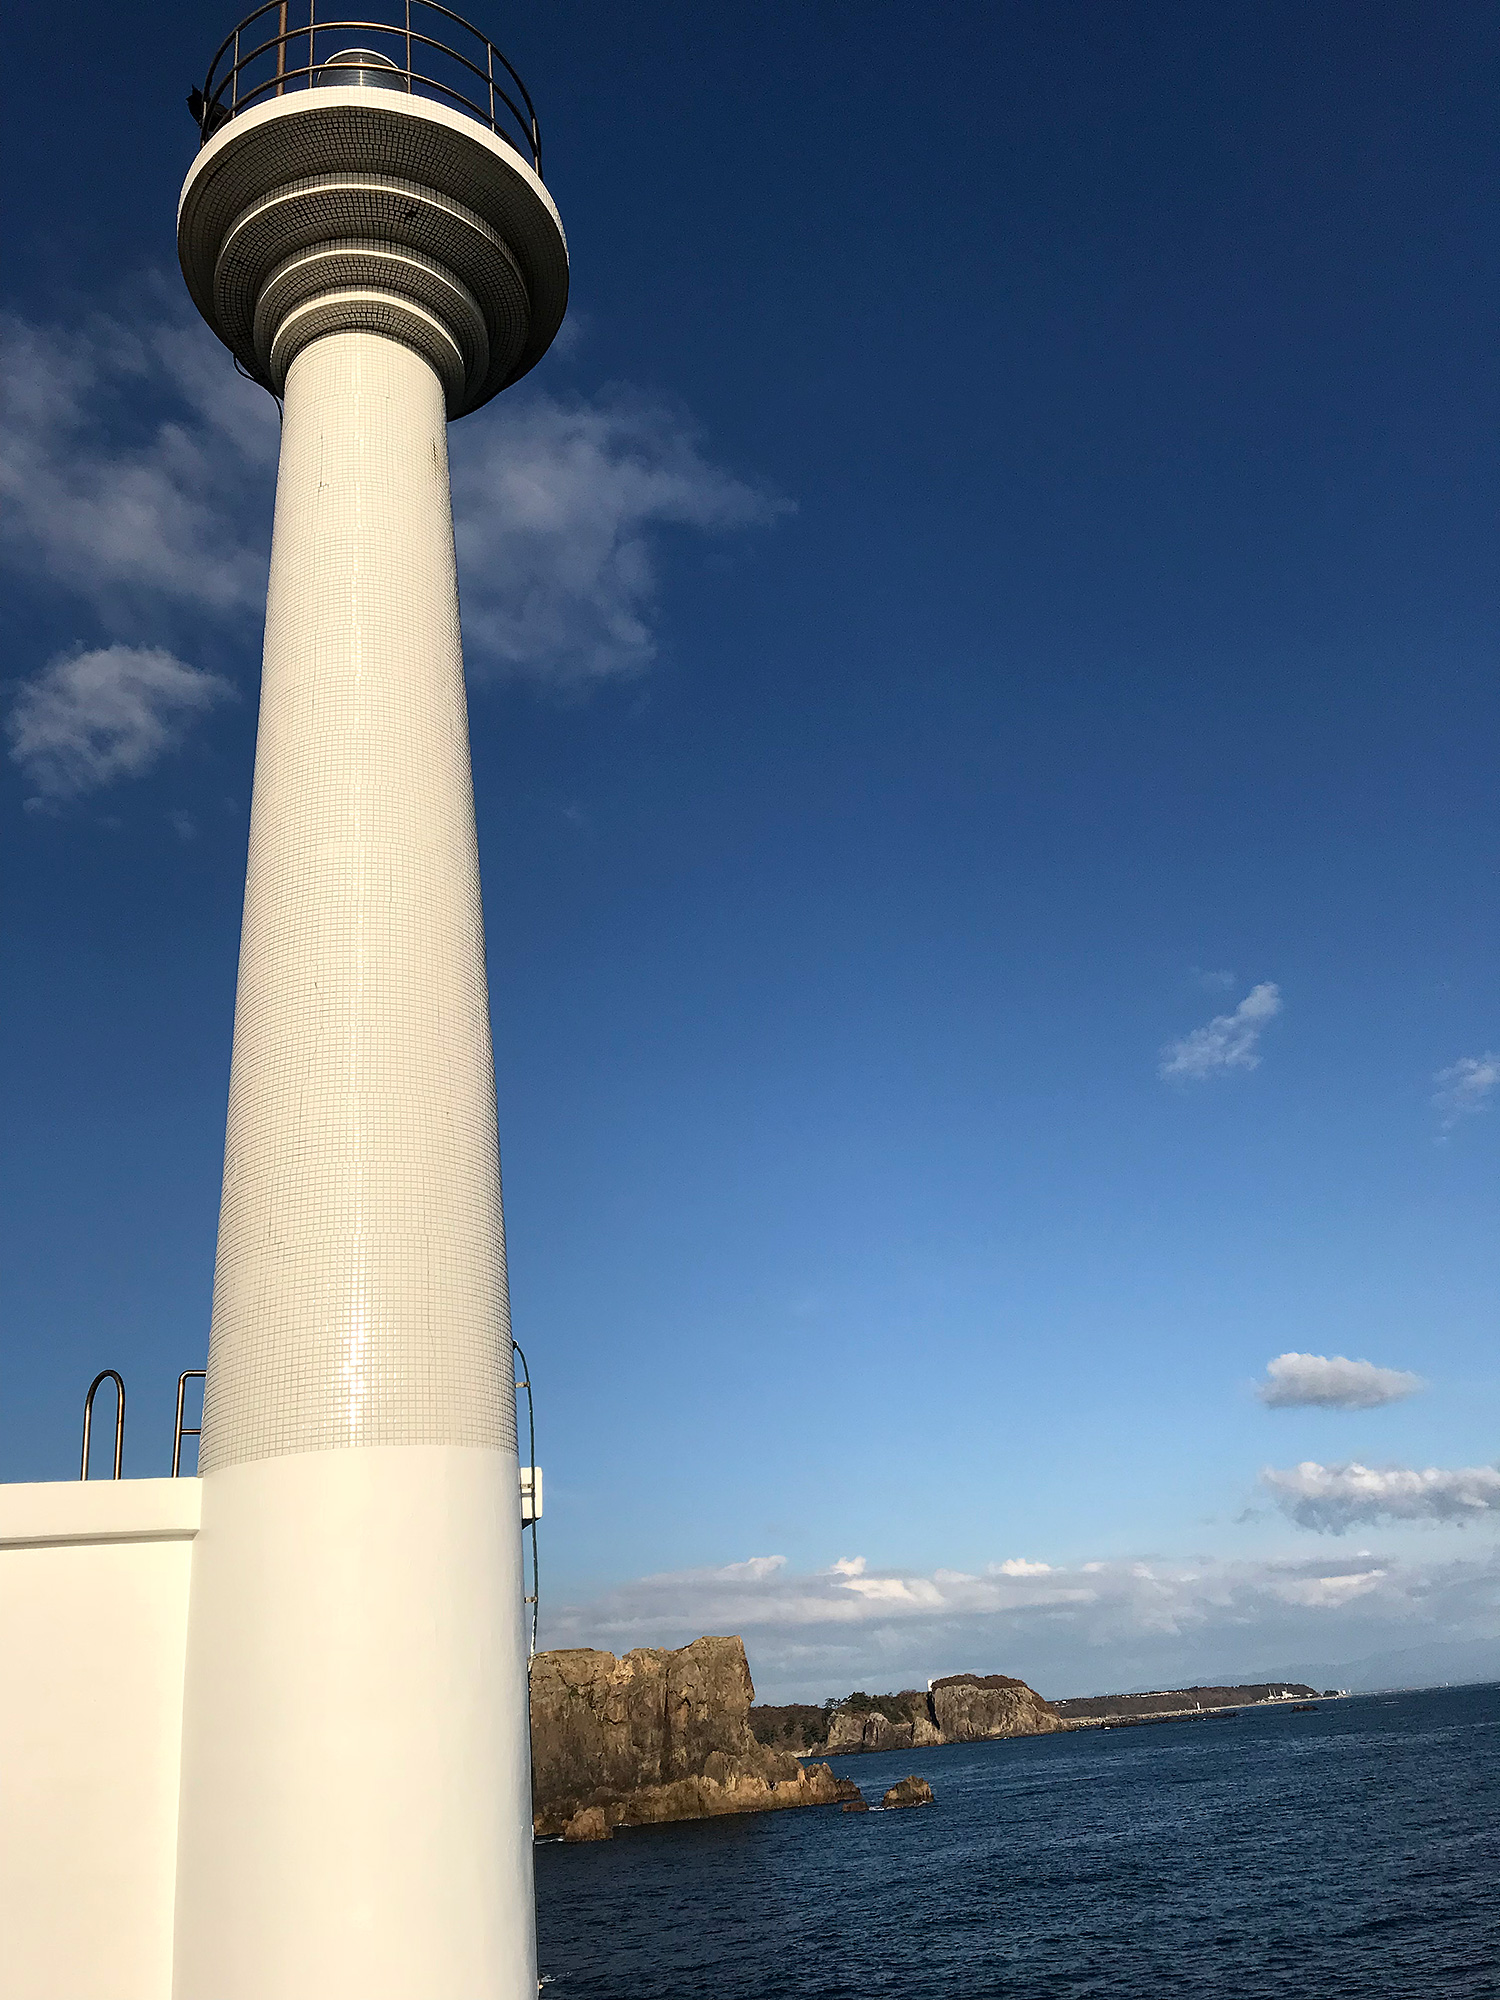 潮瀬崎灯台のフリーの画像素材